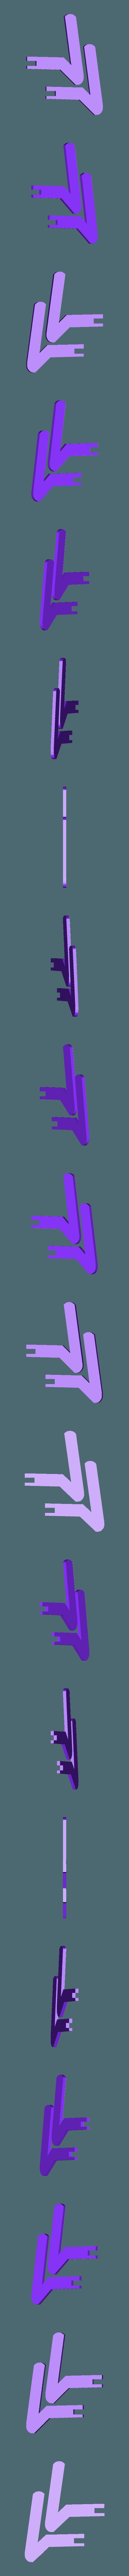 2_servo_robot (5).stl Télécharger fichier STL gratuit Comment faire un robot mante religieuse • Design imprimable en 3D, speedkornet